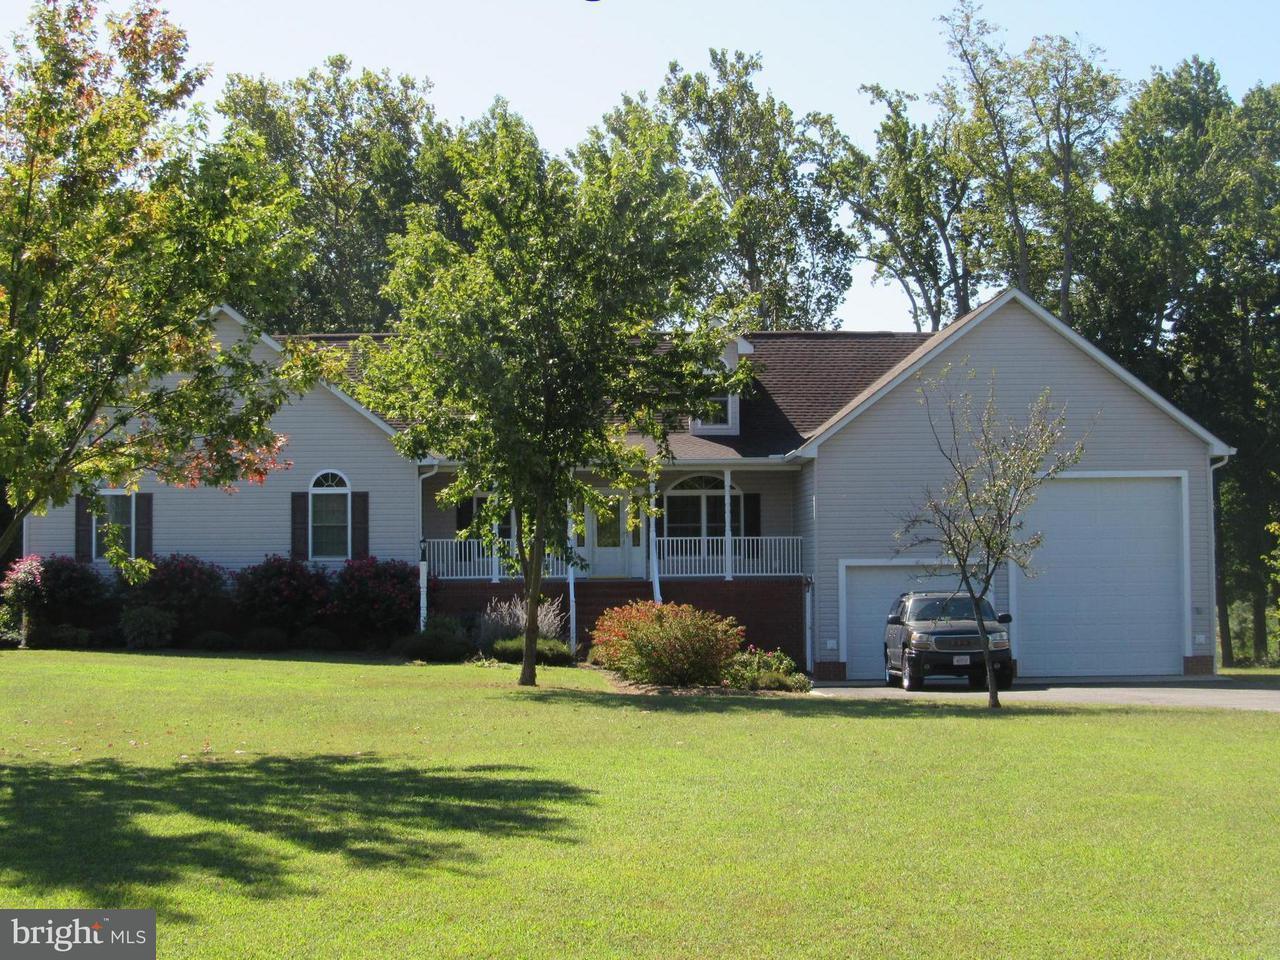 Μονοκατοικία για την Πώληση στο 112 ESSEX Place 112 ESSEX Place Montross, Βιρτζινια 22520 Ηνωμενεσ Πολιτειεσ